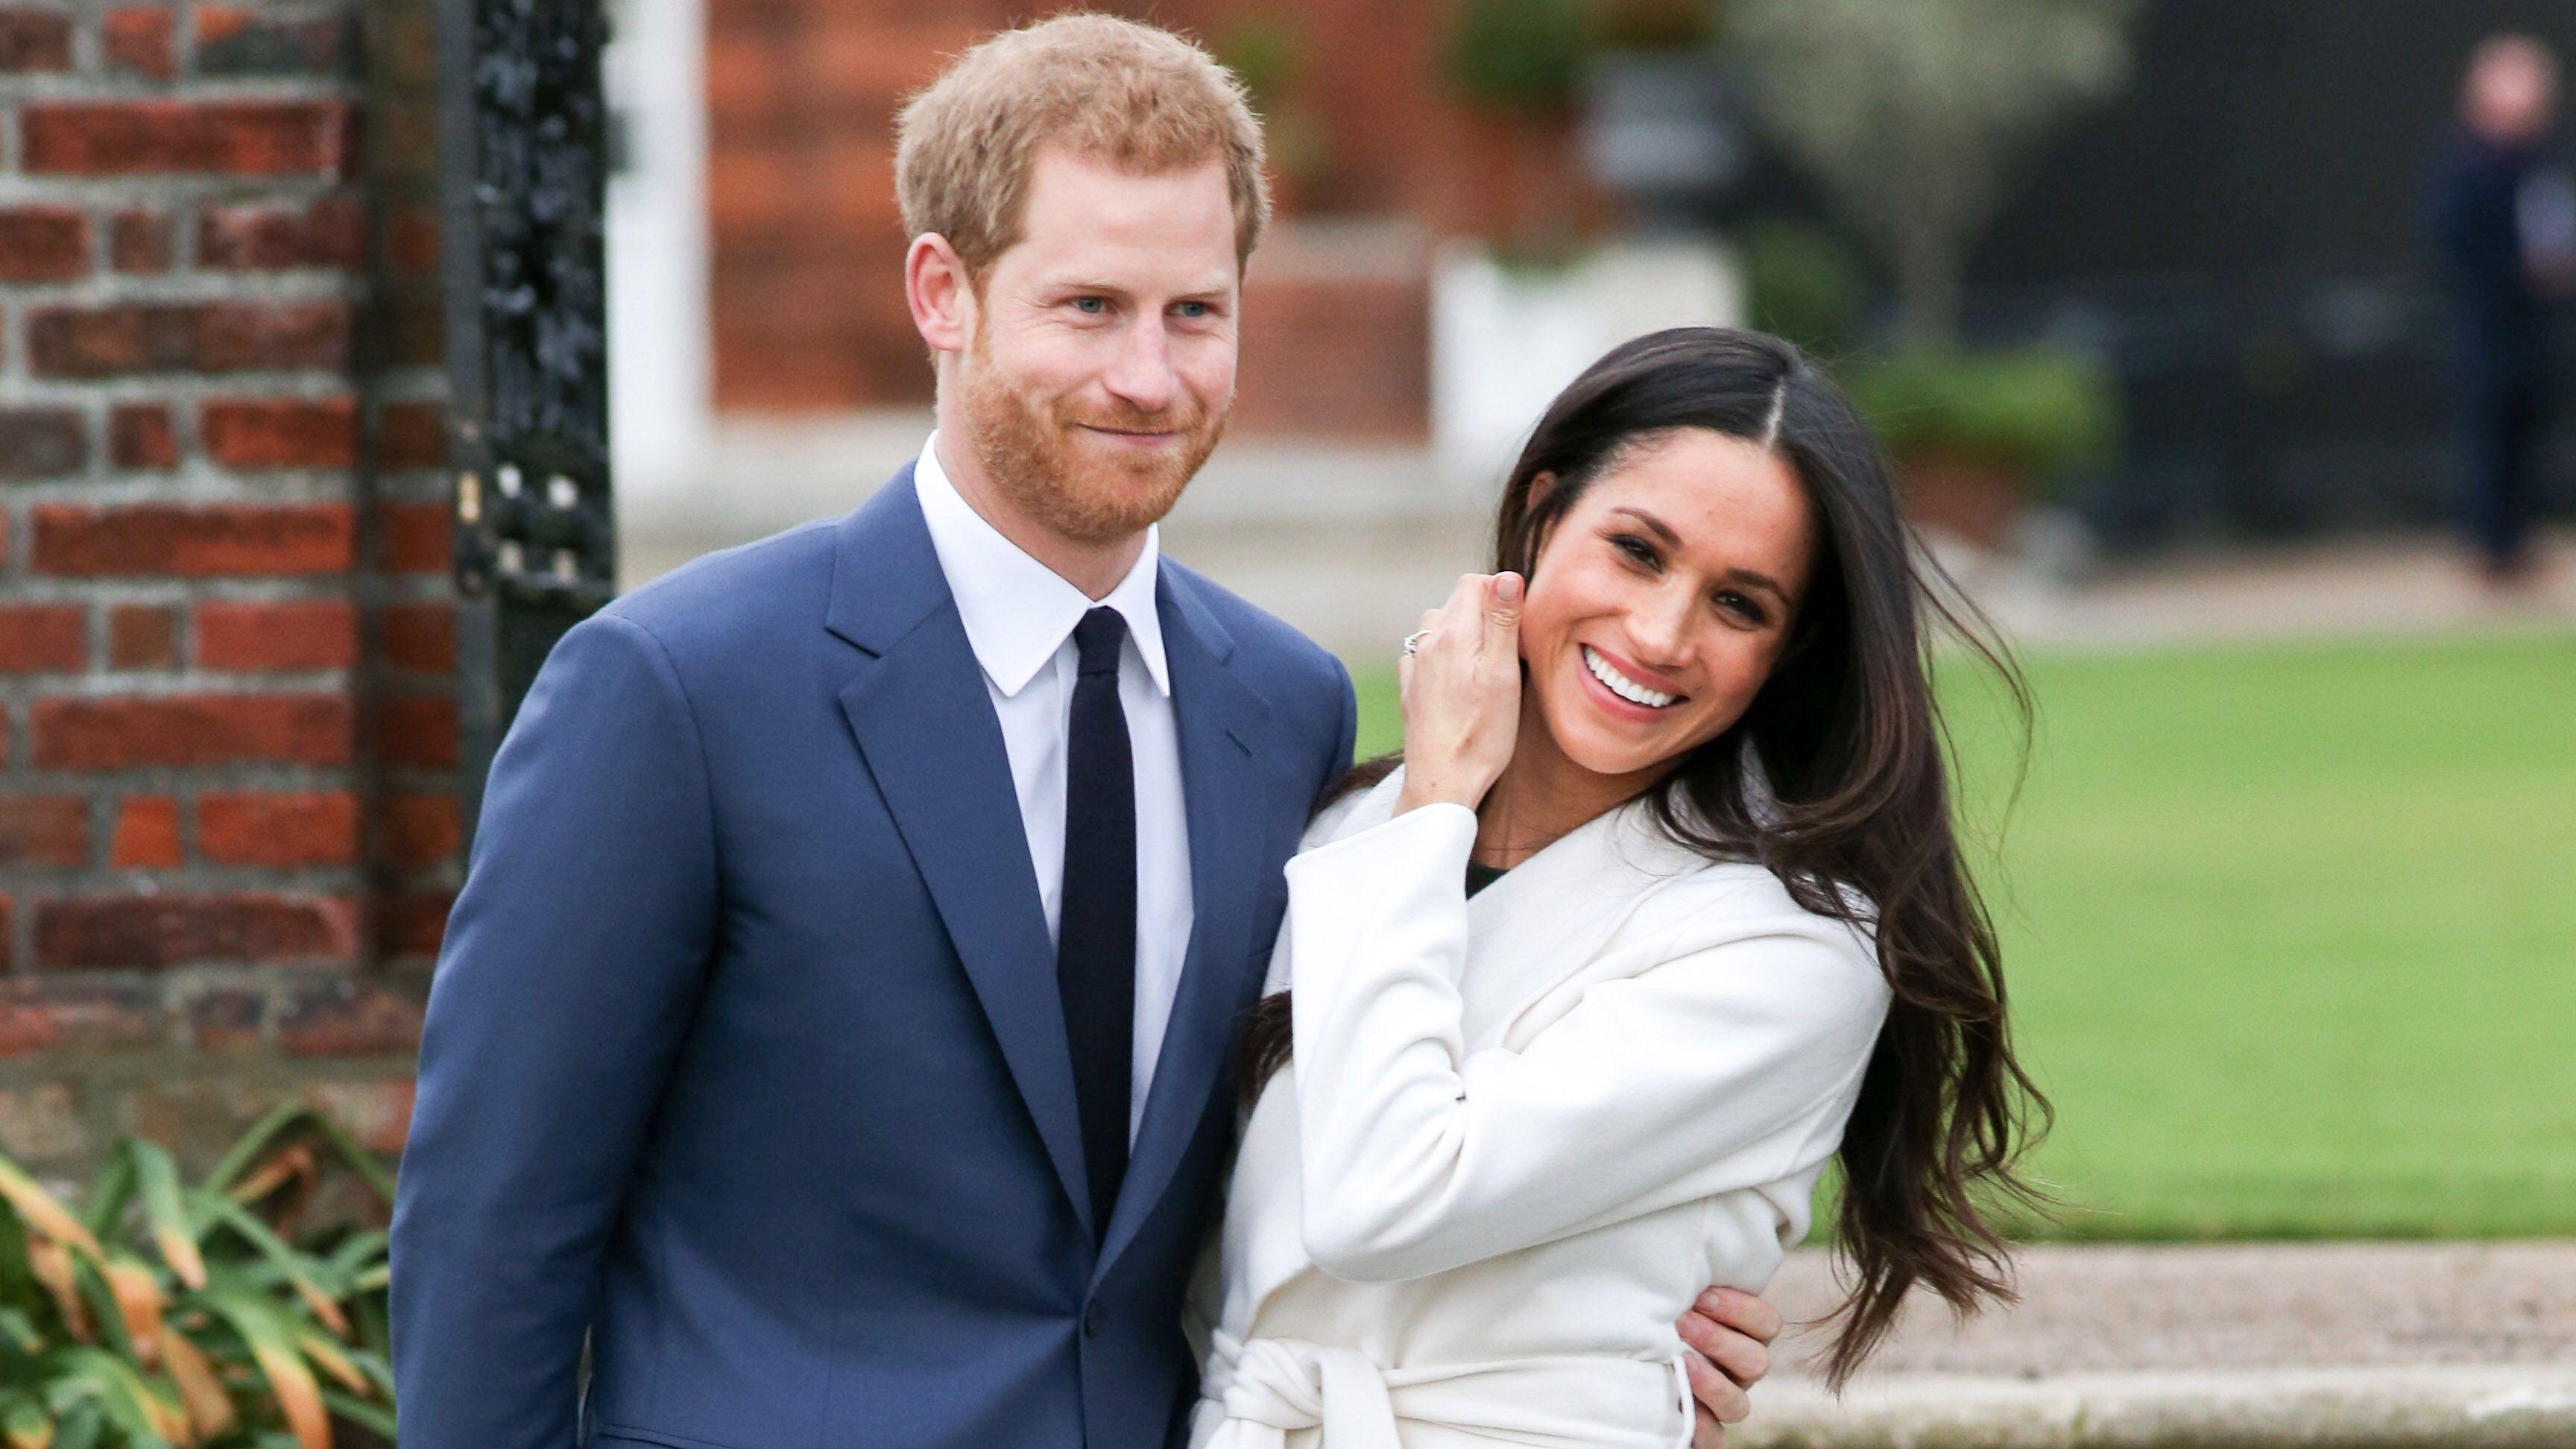 Mariage du prince Harry et Meghan Markle  on connaît le lieu et la date de  la cérémonie , Voici